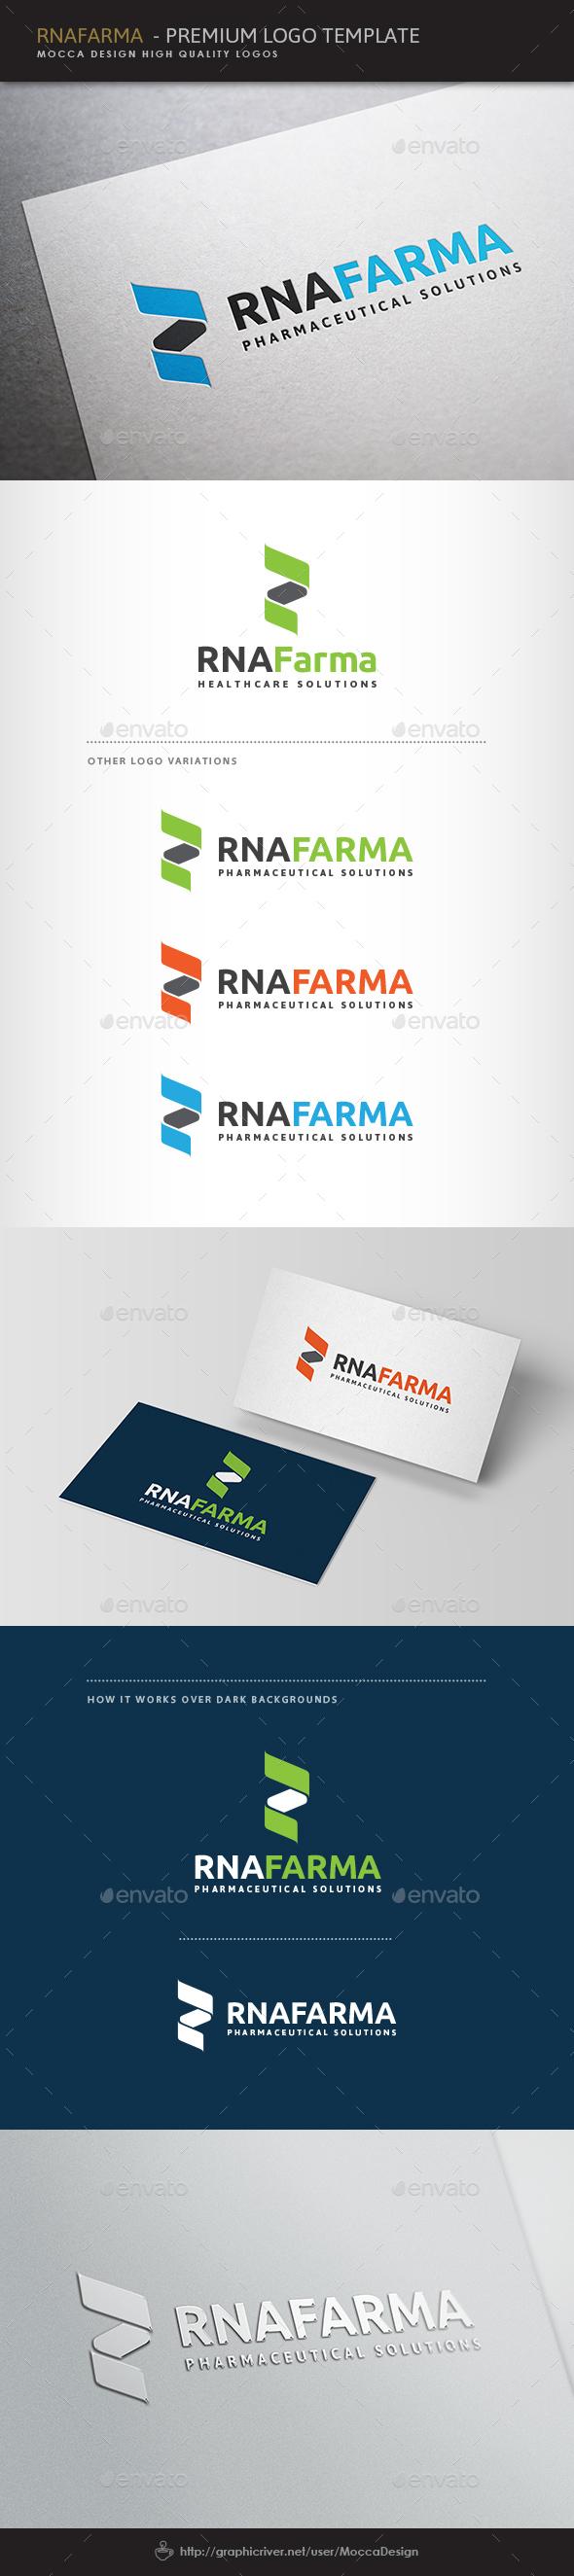 RNAfarma Logo - Vector Abstract